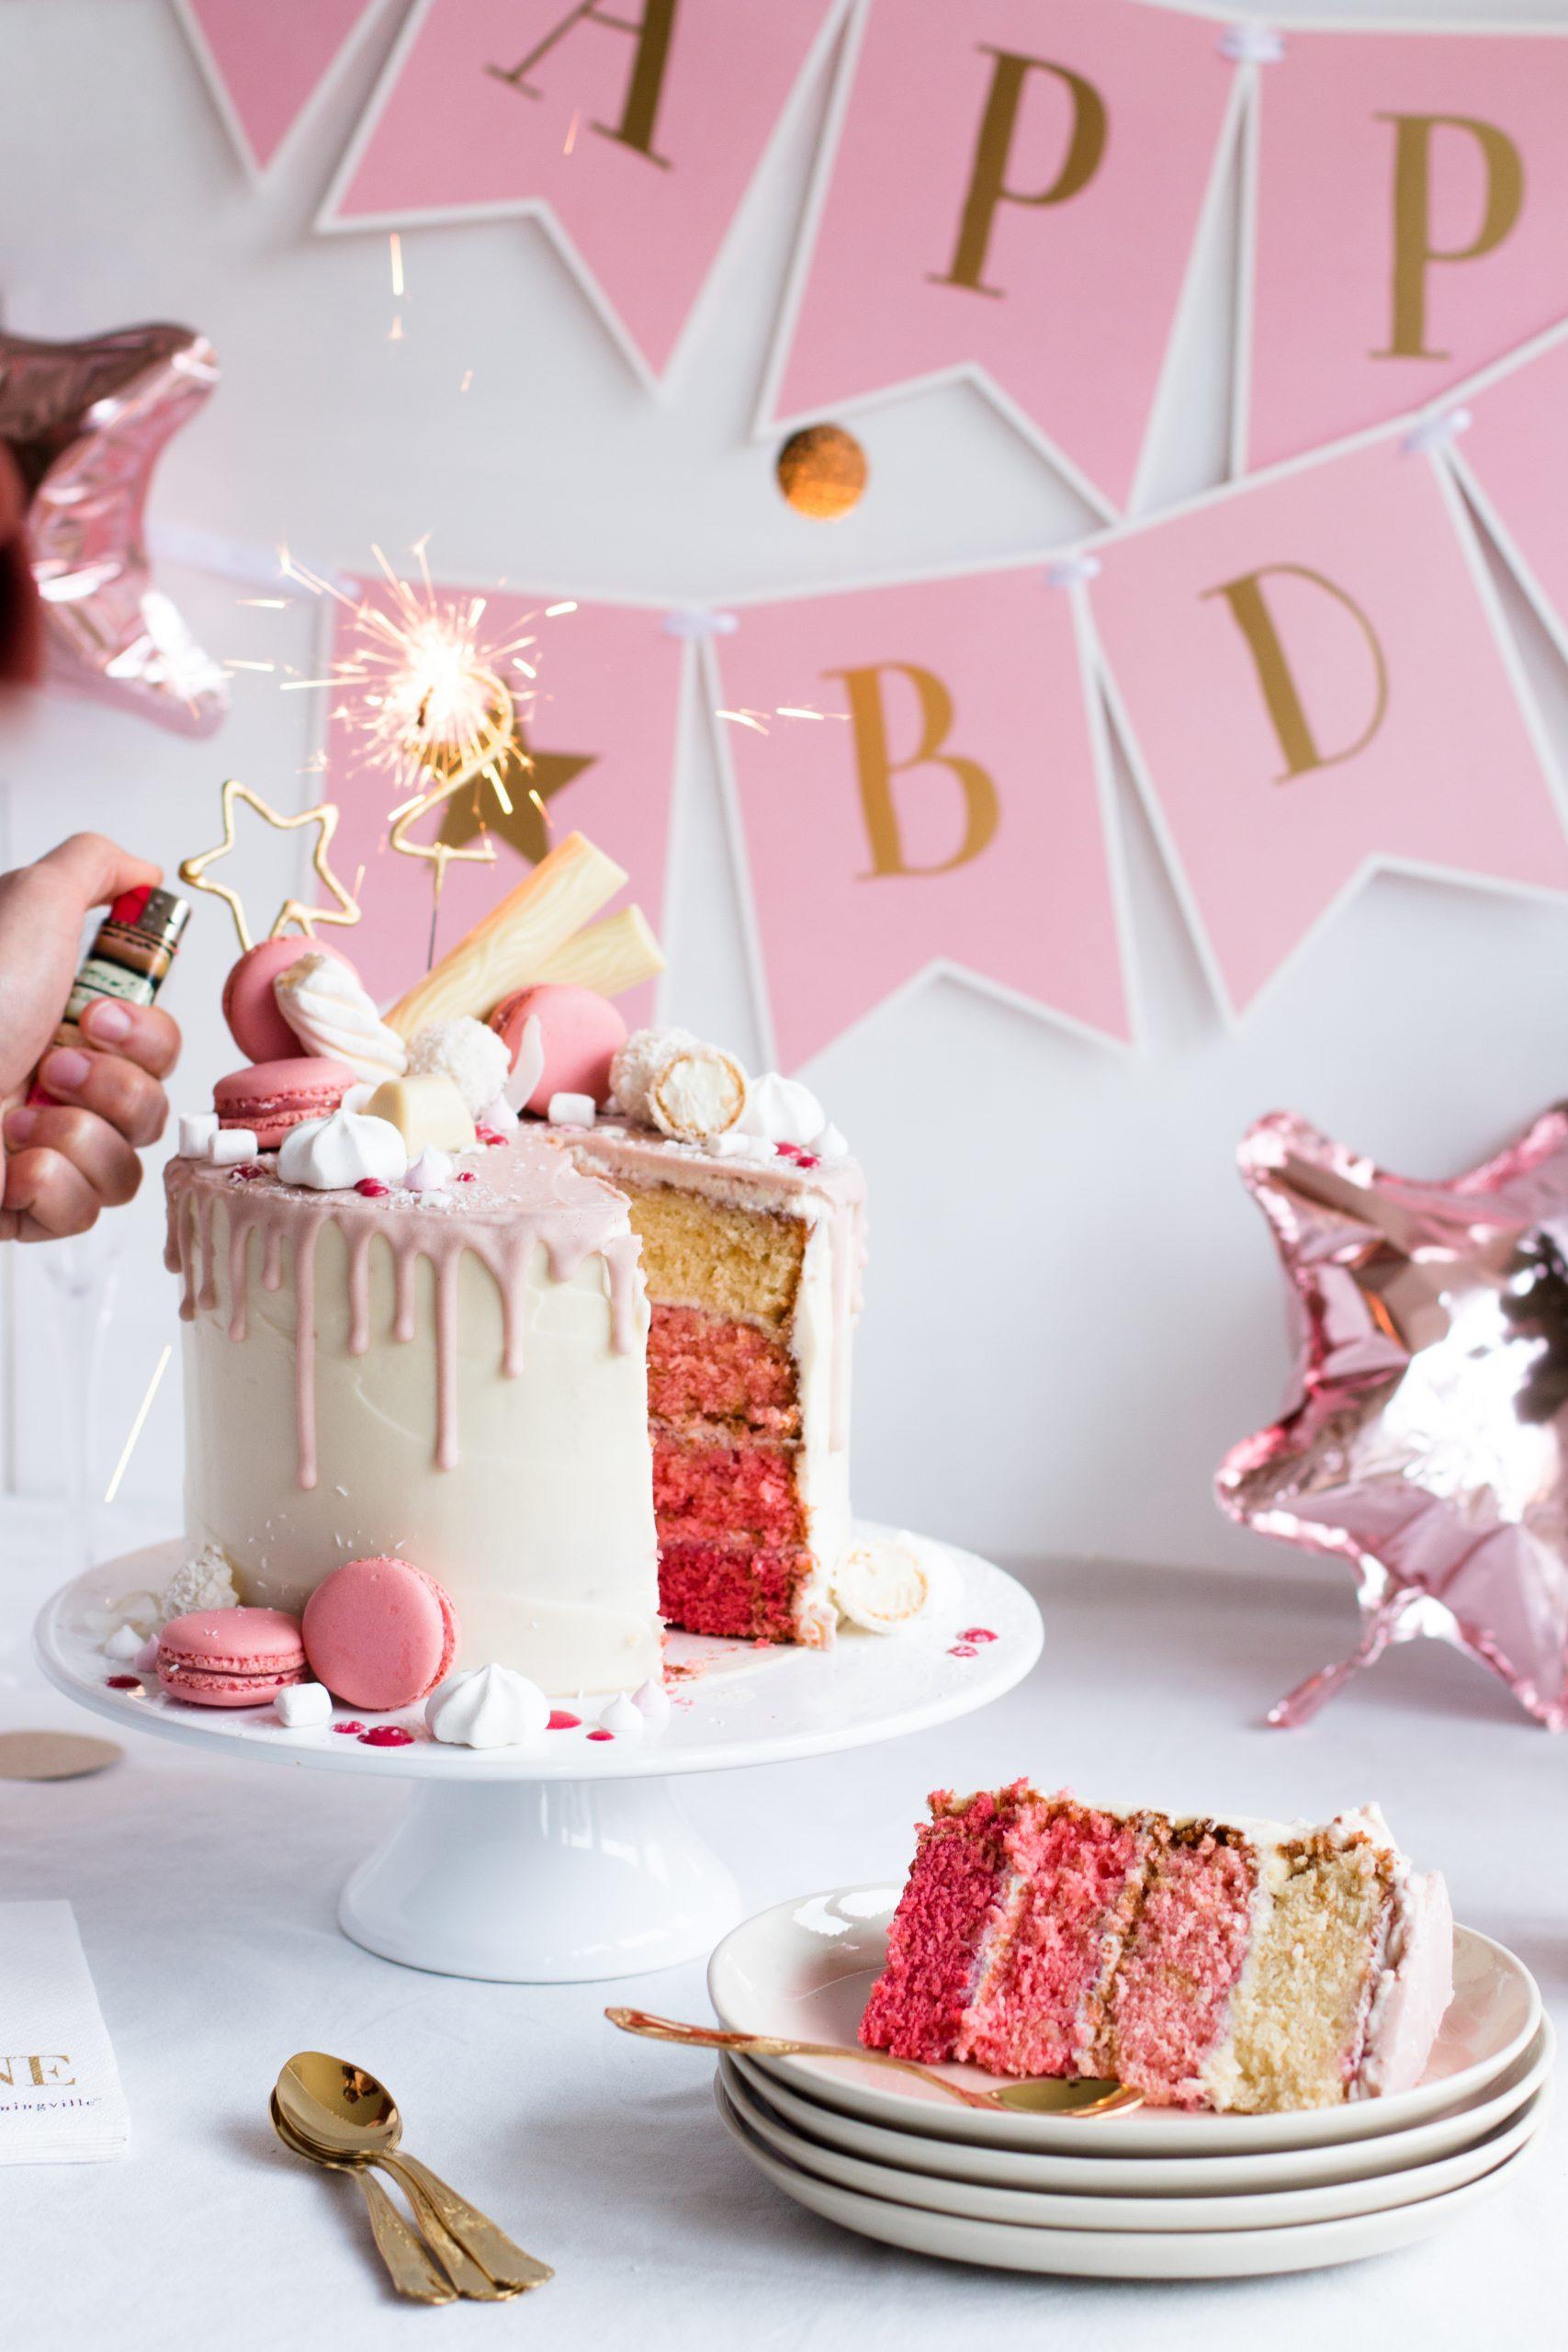 Candy Drip Cake Geburtstagstorte Mit Himbeeren & Kokos in Bilder Geburtstagstorte